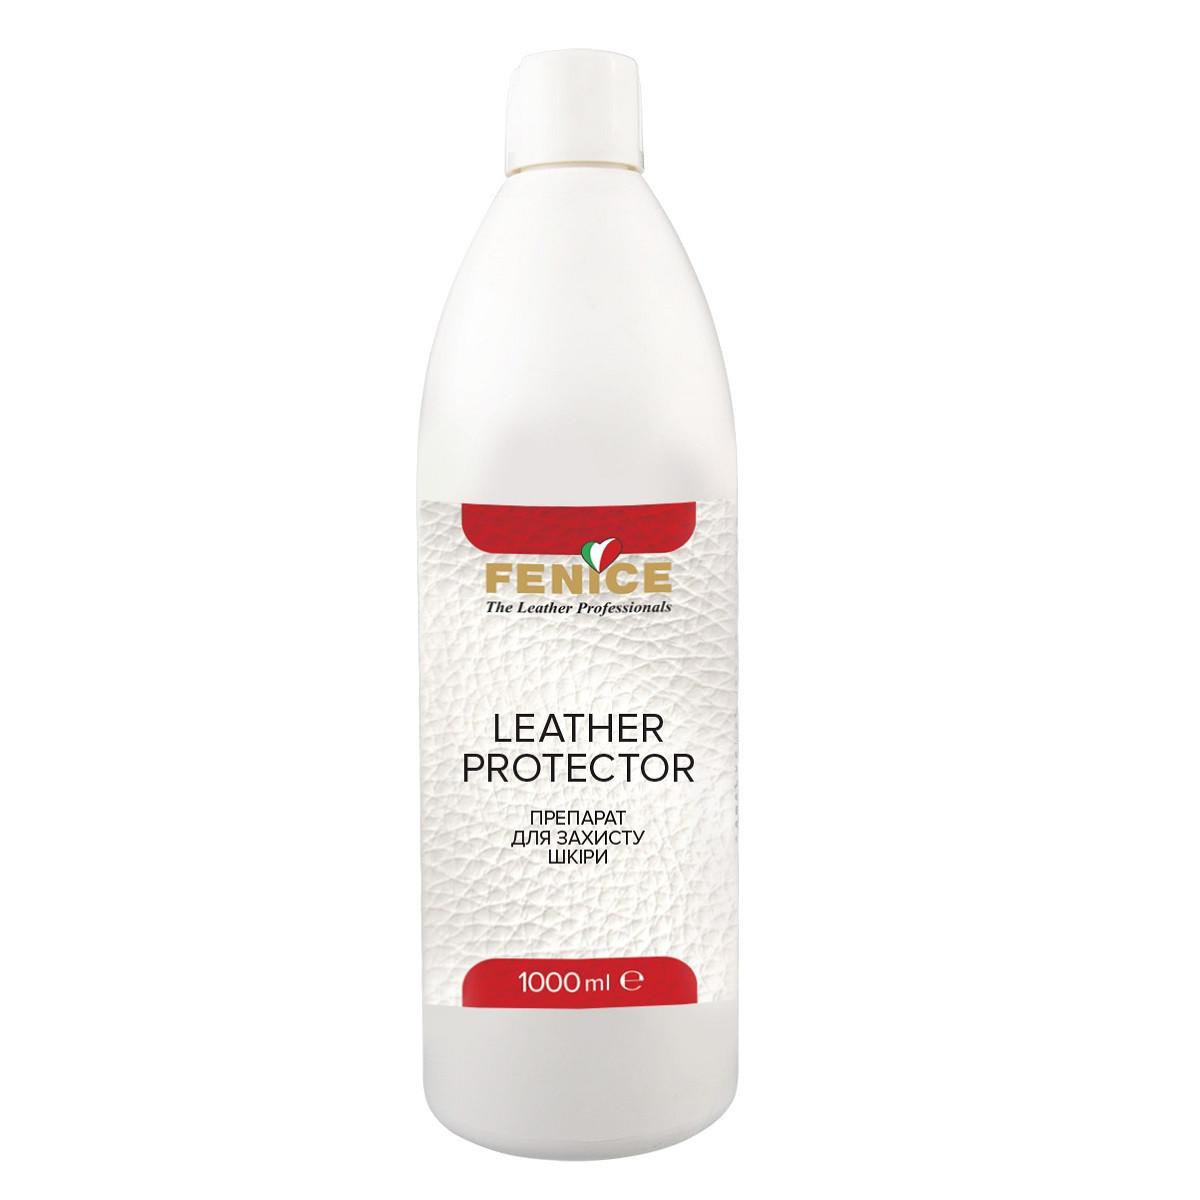 Fenice Leather Protector Засіб-протектор для захисту шкіряних виробів, 1 L